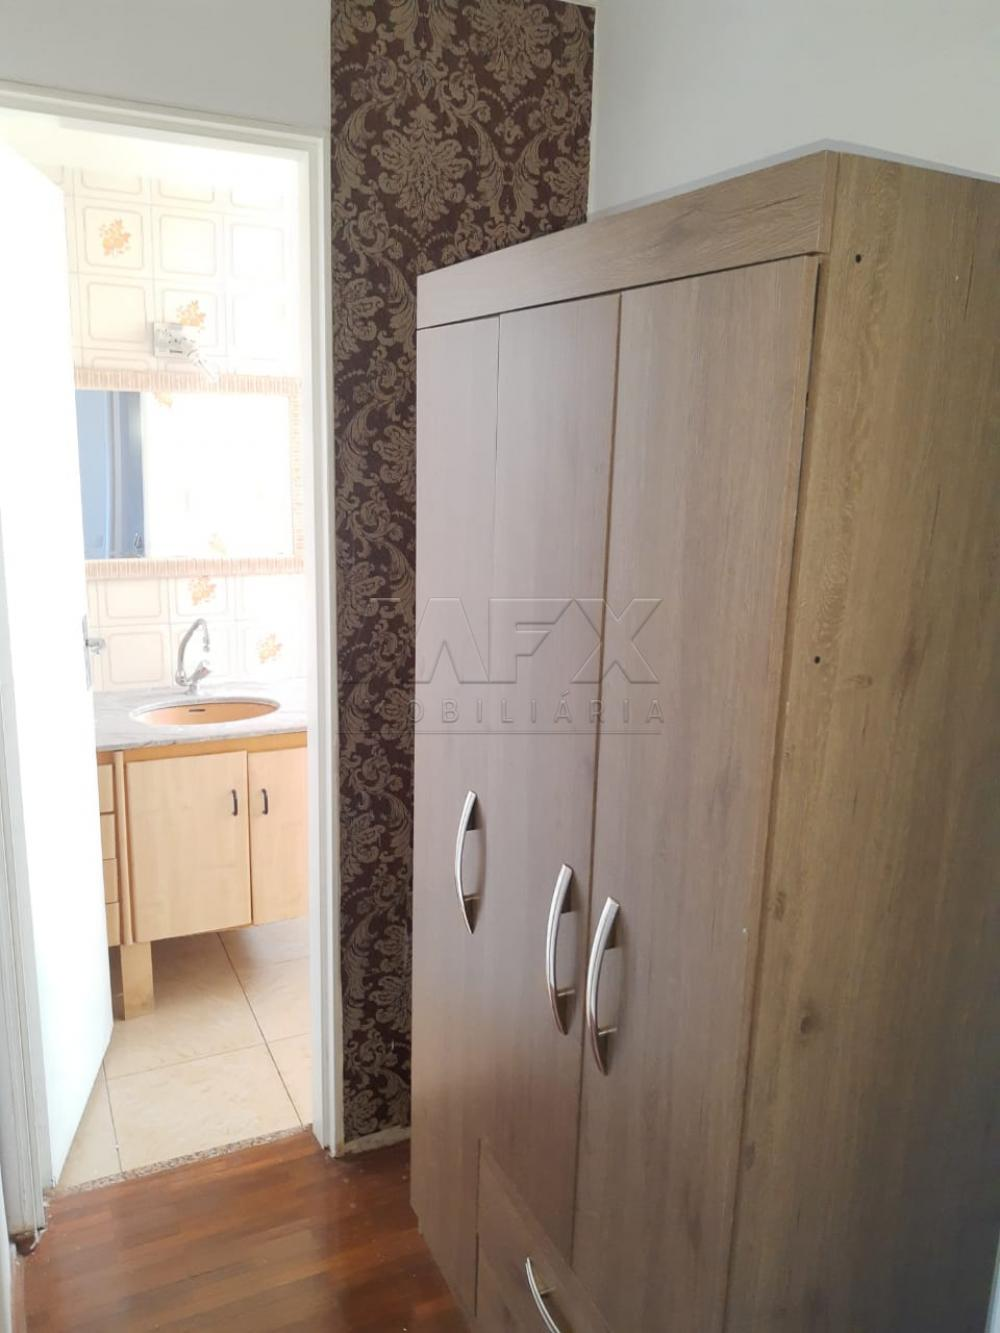 Comprar Apartamento / Padrão em Bauru R$ 154.000,00 - Foto 9